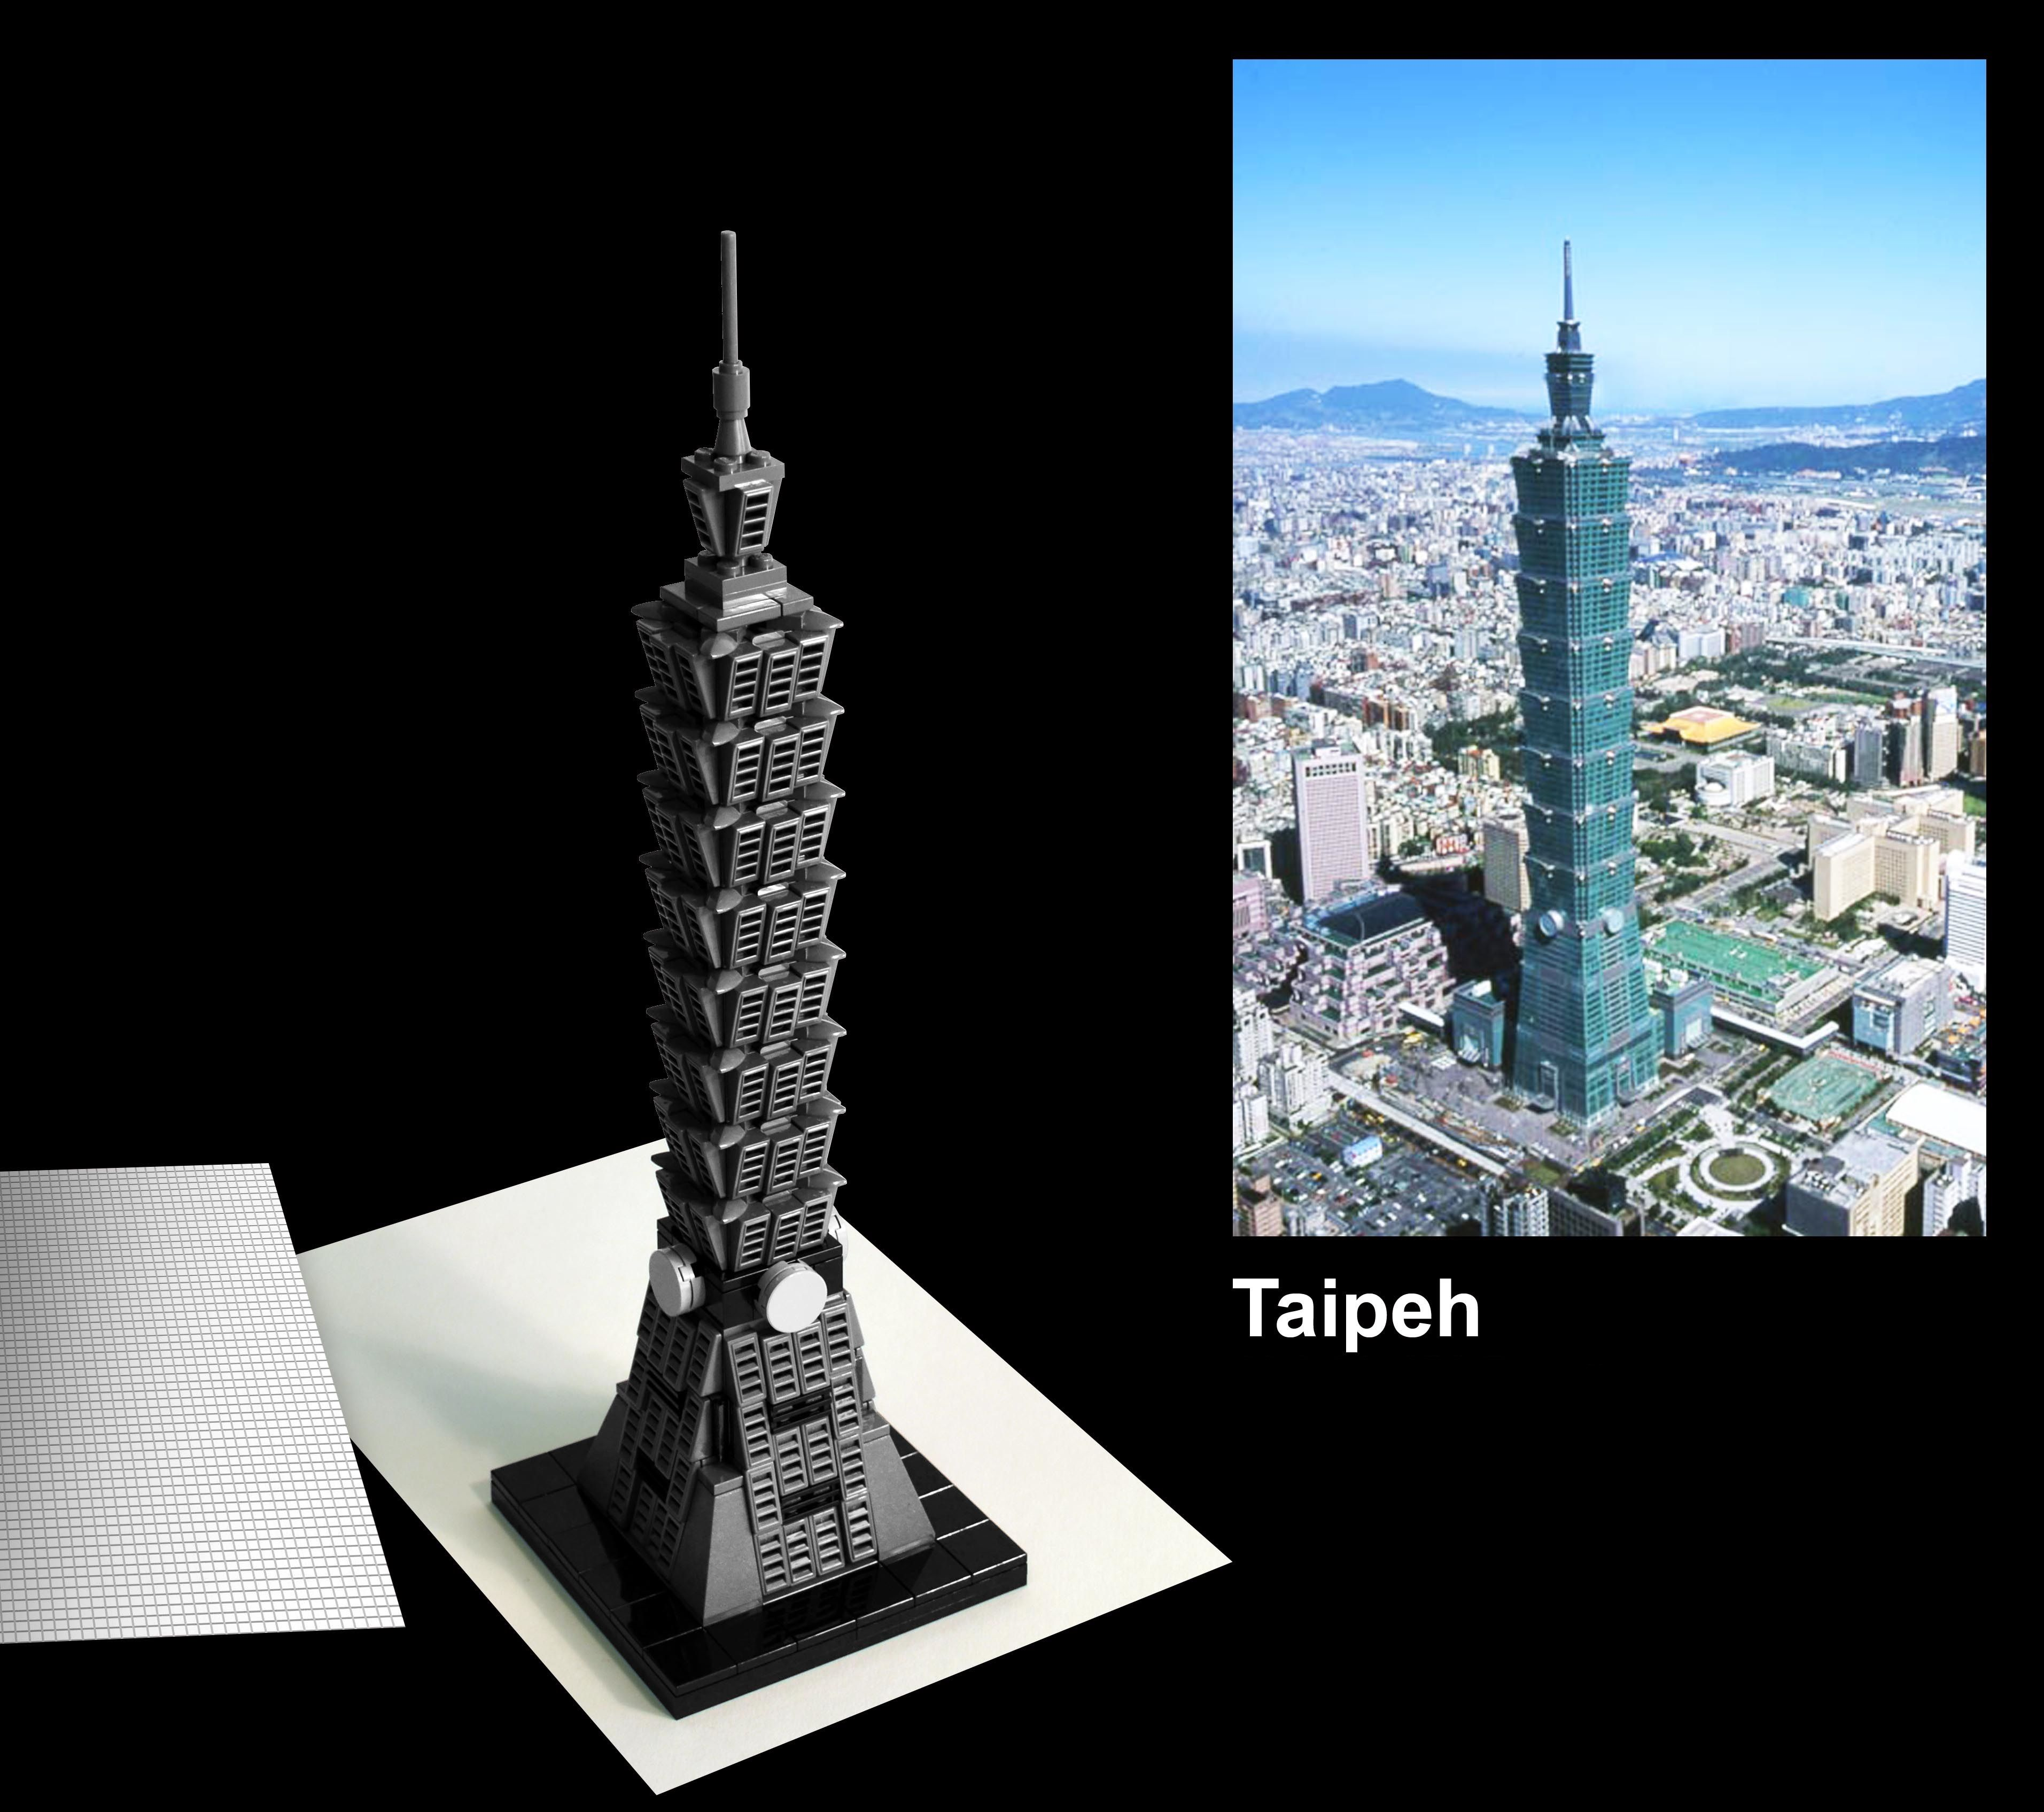 Taipei 101, é um arranha-céu de 101 andares, localizado em Taipei, Taiwan. Projetado por C. Y. Lee e construído por KTRT Joint Venture. Foi considerado uma das Novas Sete Maravilhas do Mundo Moderno (2006) e uma das Sete Maravilhas de Engenharia (2005).  Seu estilo combina a tradição e modernidade da cultura asiática e internacional num único projeto. Suas características de segurança permitem-lhe suportar tufões e terremotos.  #AmoLego